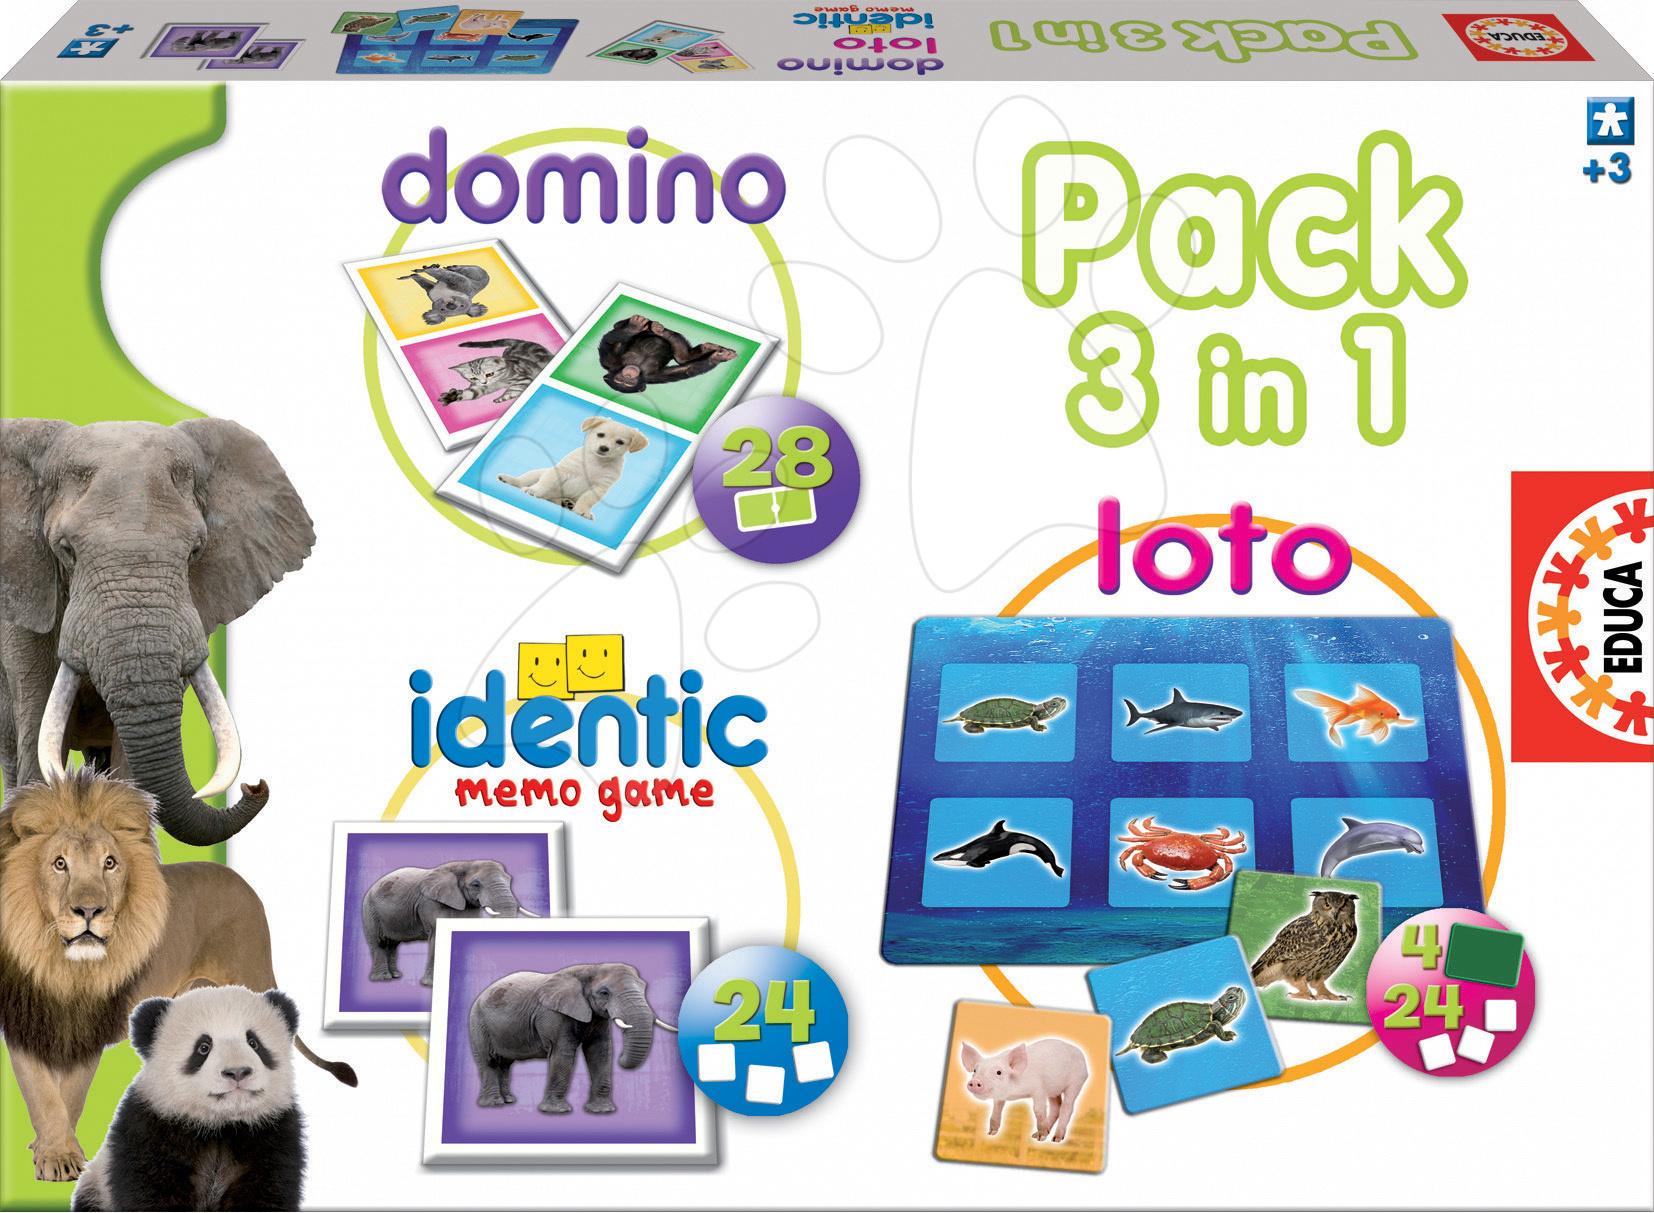 Sada společenských her Special pack Safari 3v1 Educa 28 ks domino, 24 ks loto, 24 ks pexeso